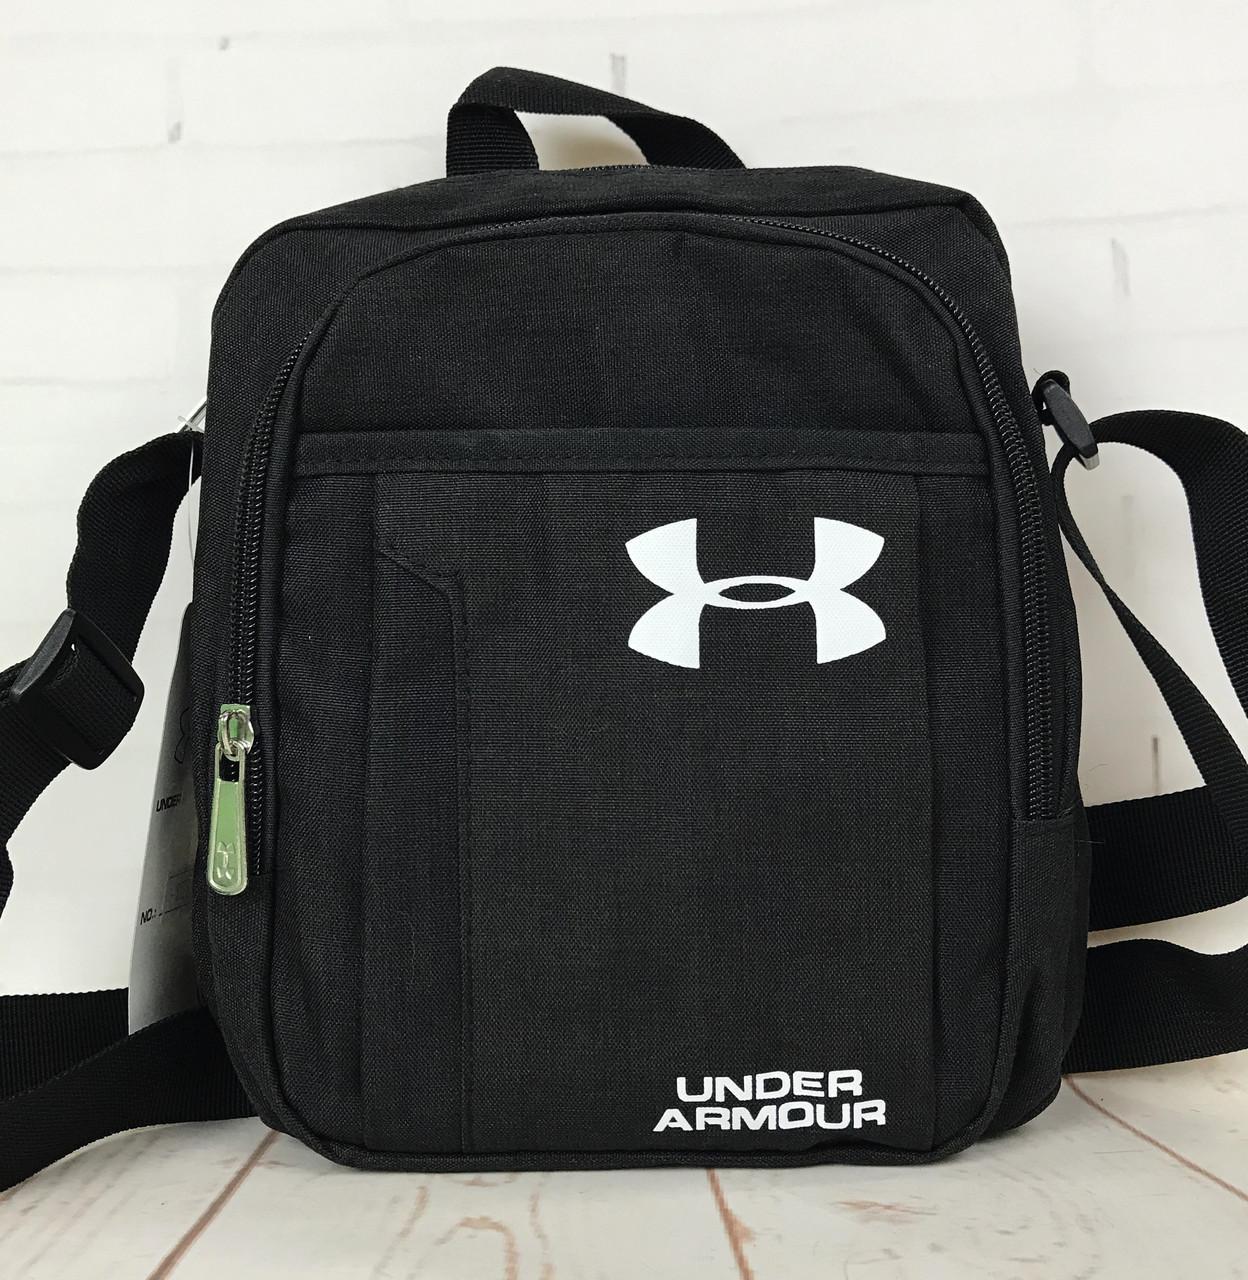 Спортивная сумка-барсетка через плечо Under Armour .Тканевая сумка. КС119